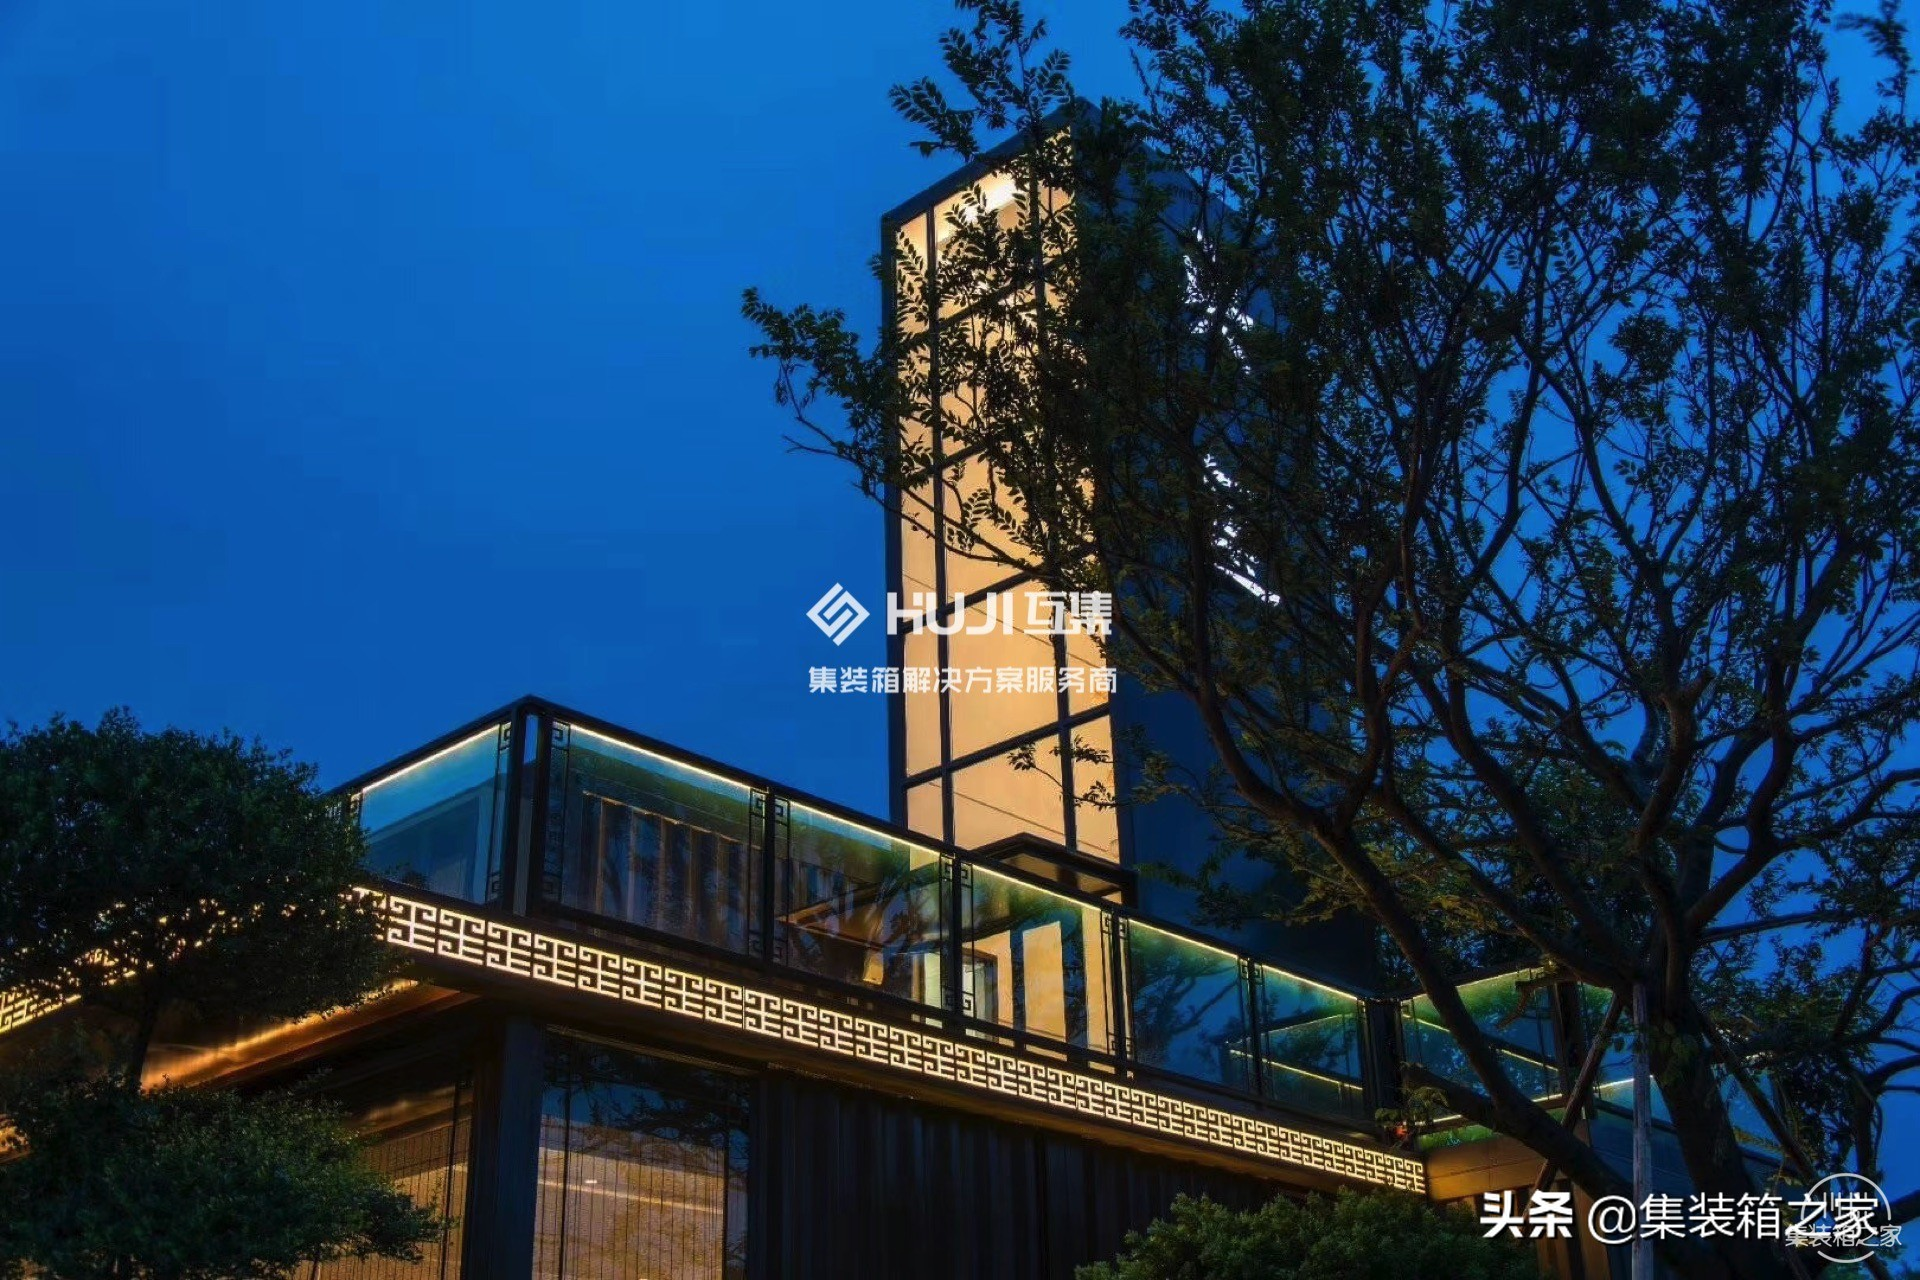 建发上海央玺集装箱售楼部-2.jpg